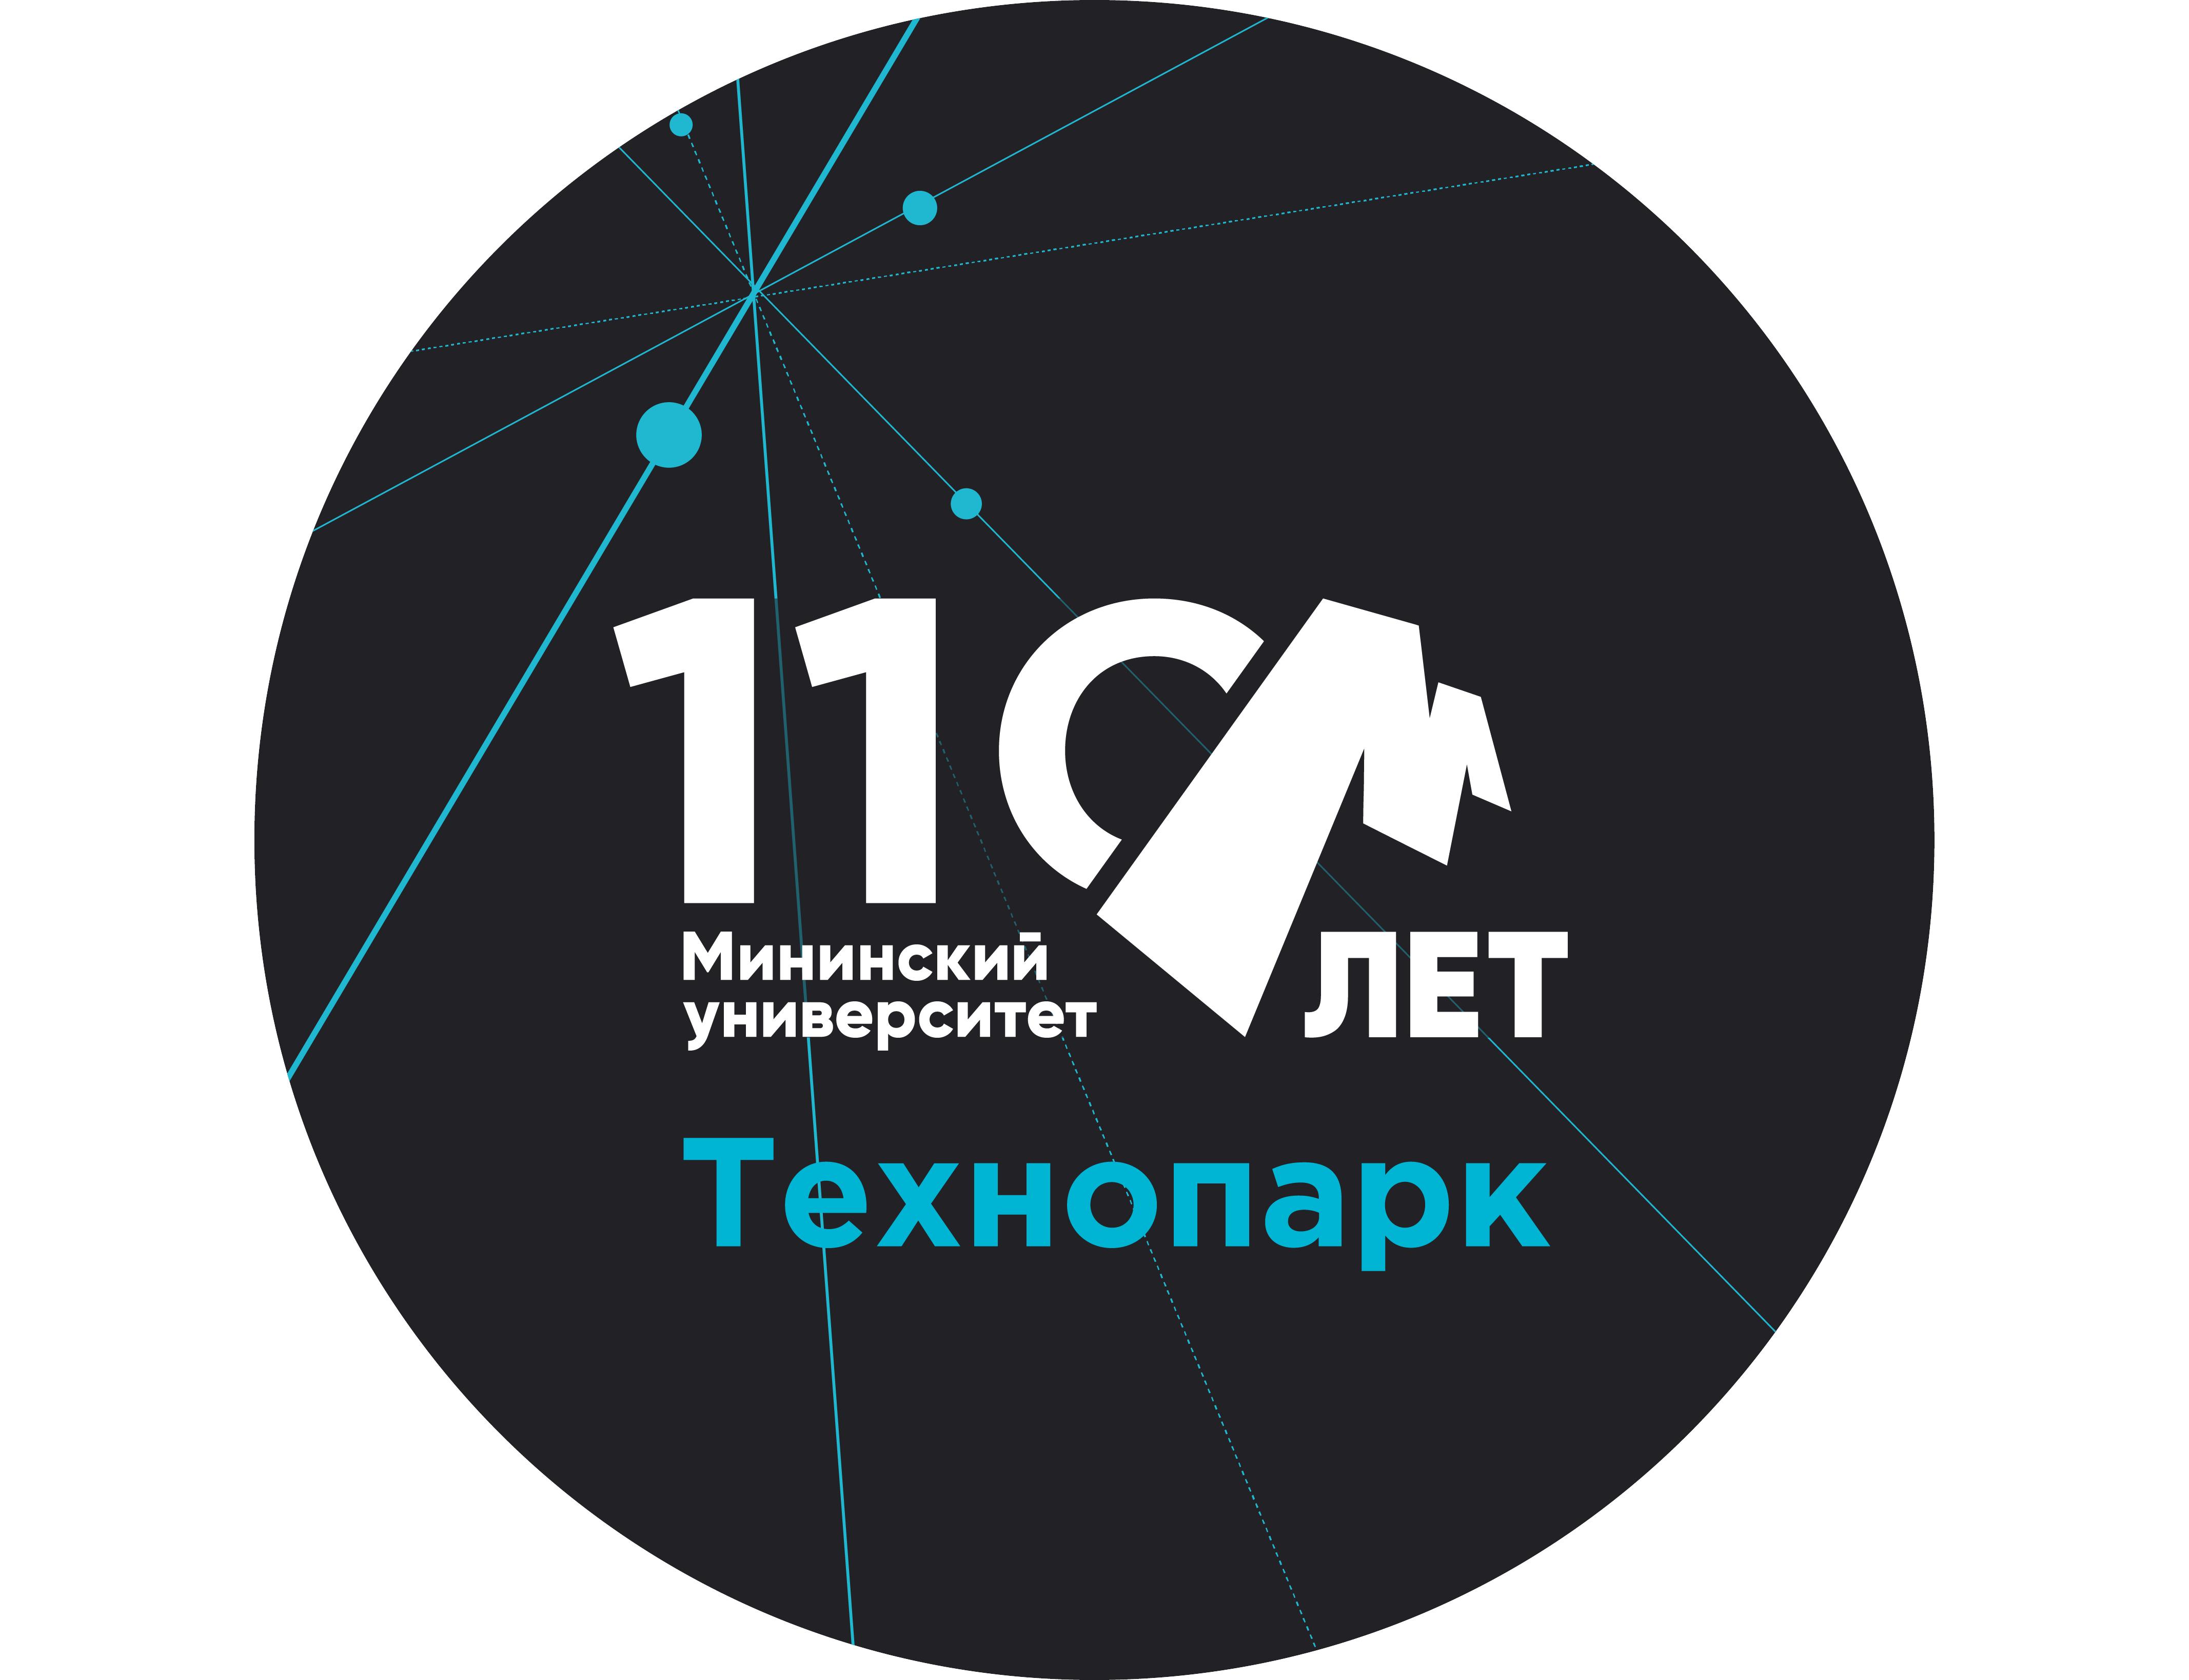 Технопарк универсальных педагогических компетенций откроется в Мининском университете 20 декабря 2021 года